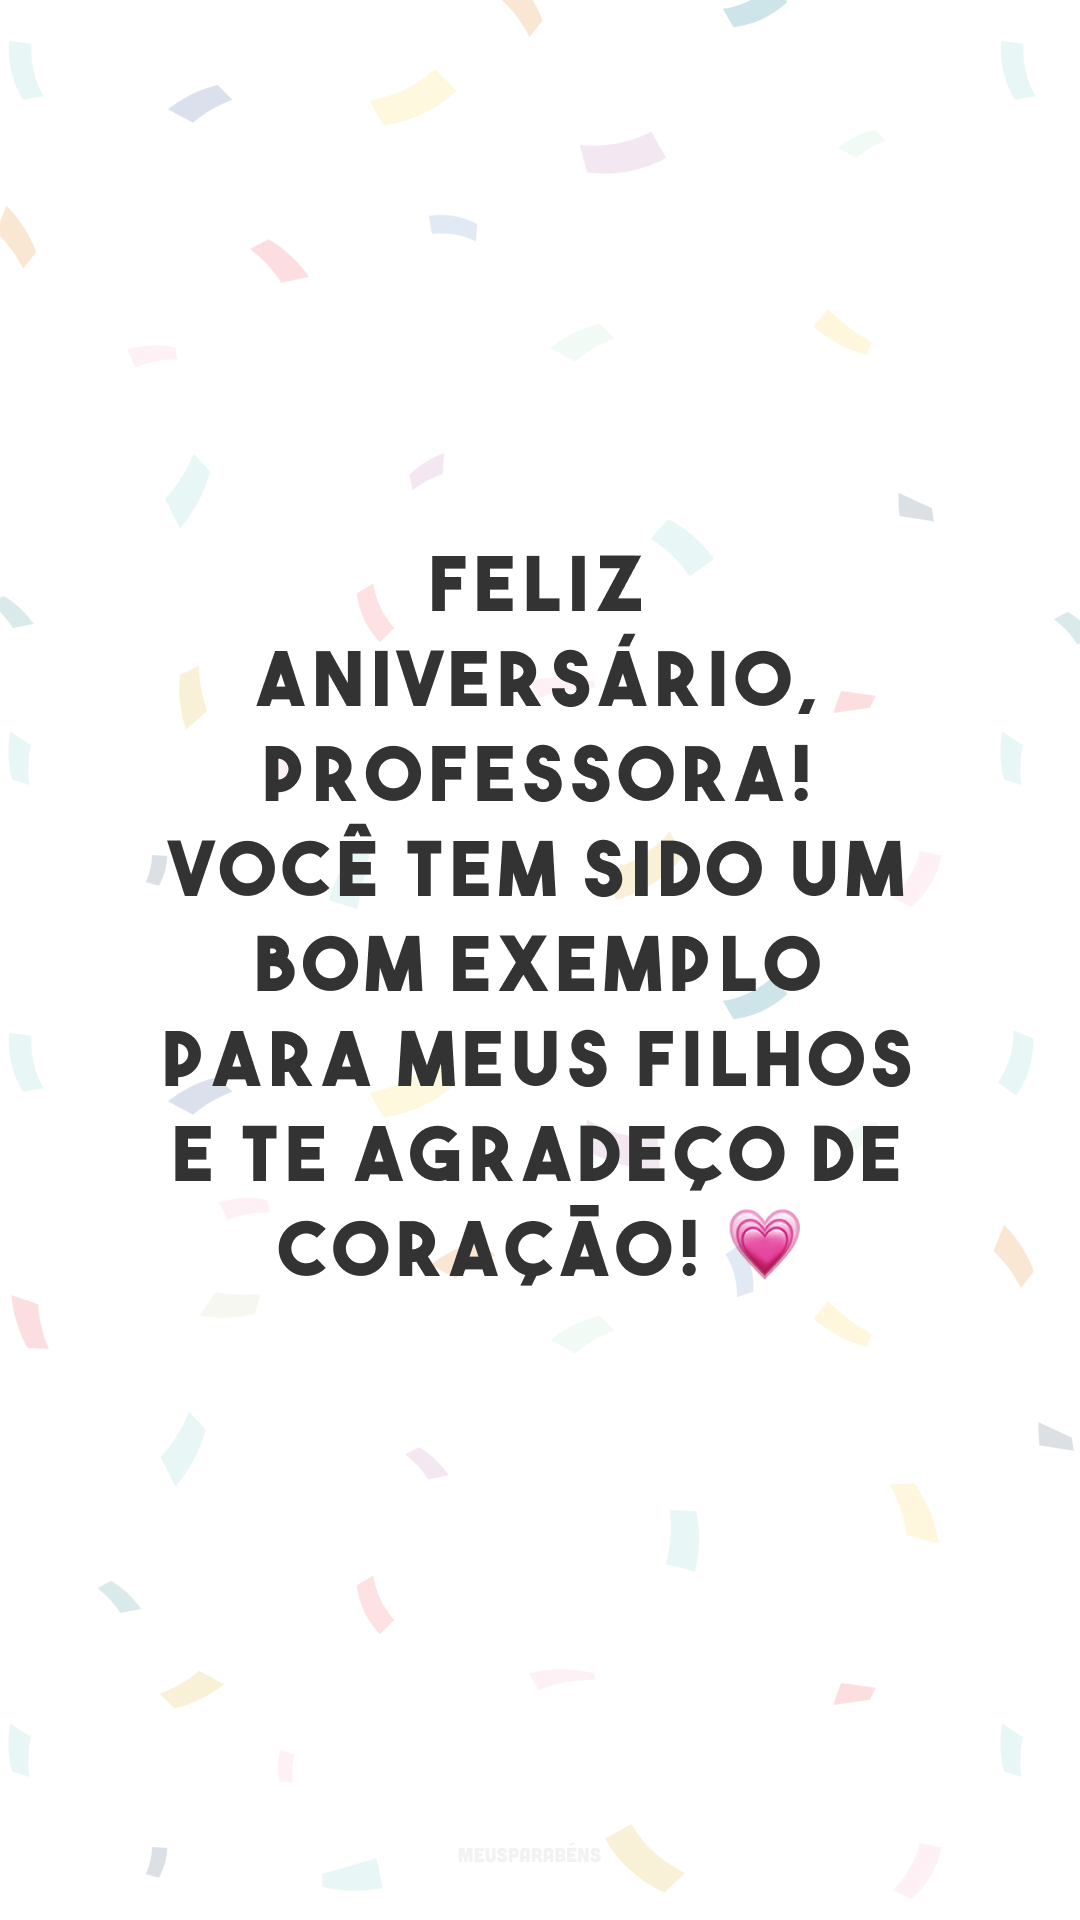 Feliz aniversário, professora! Você tem sido um bom exemplo para meus filhos e te agradeço de coração! 💗